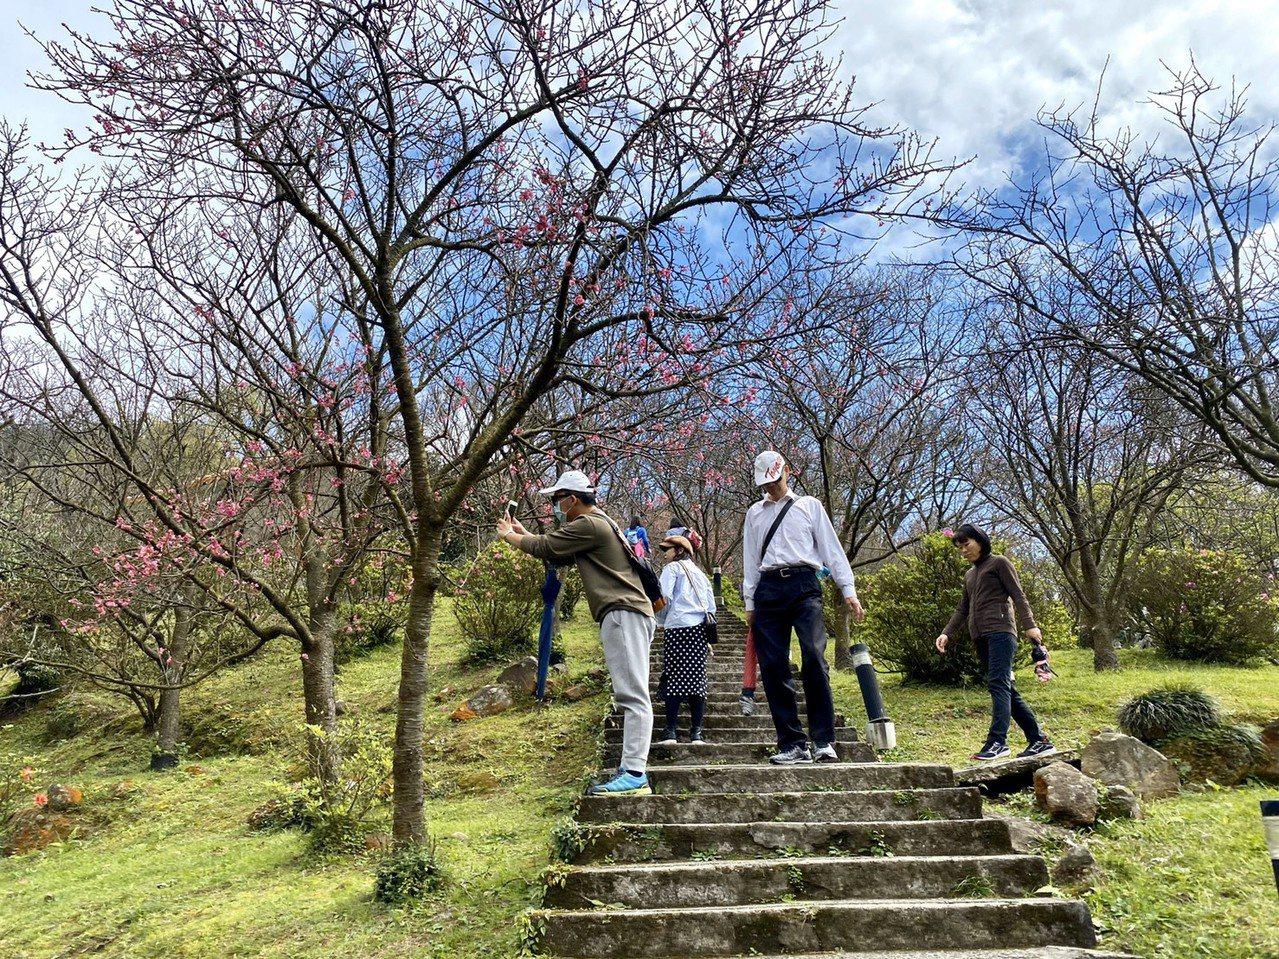 台北市陽明山花季昨天開跑,活動至3月22日展期共37天,今年主題為「櫻你而在」,...